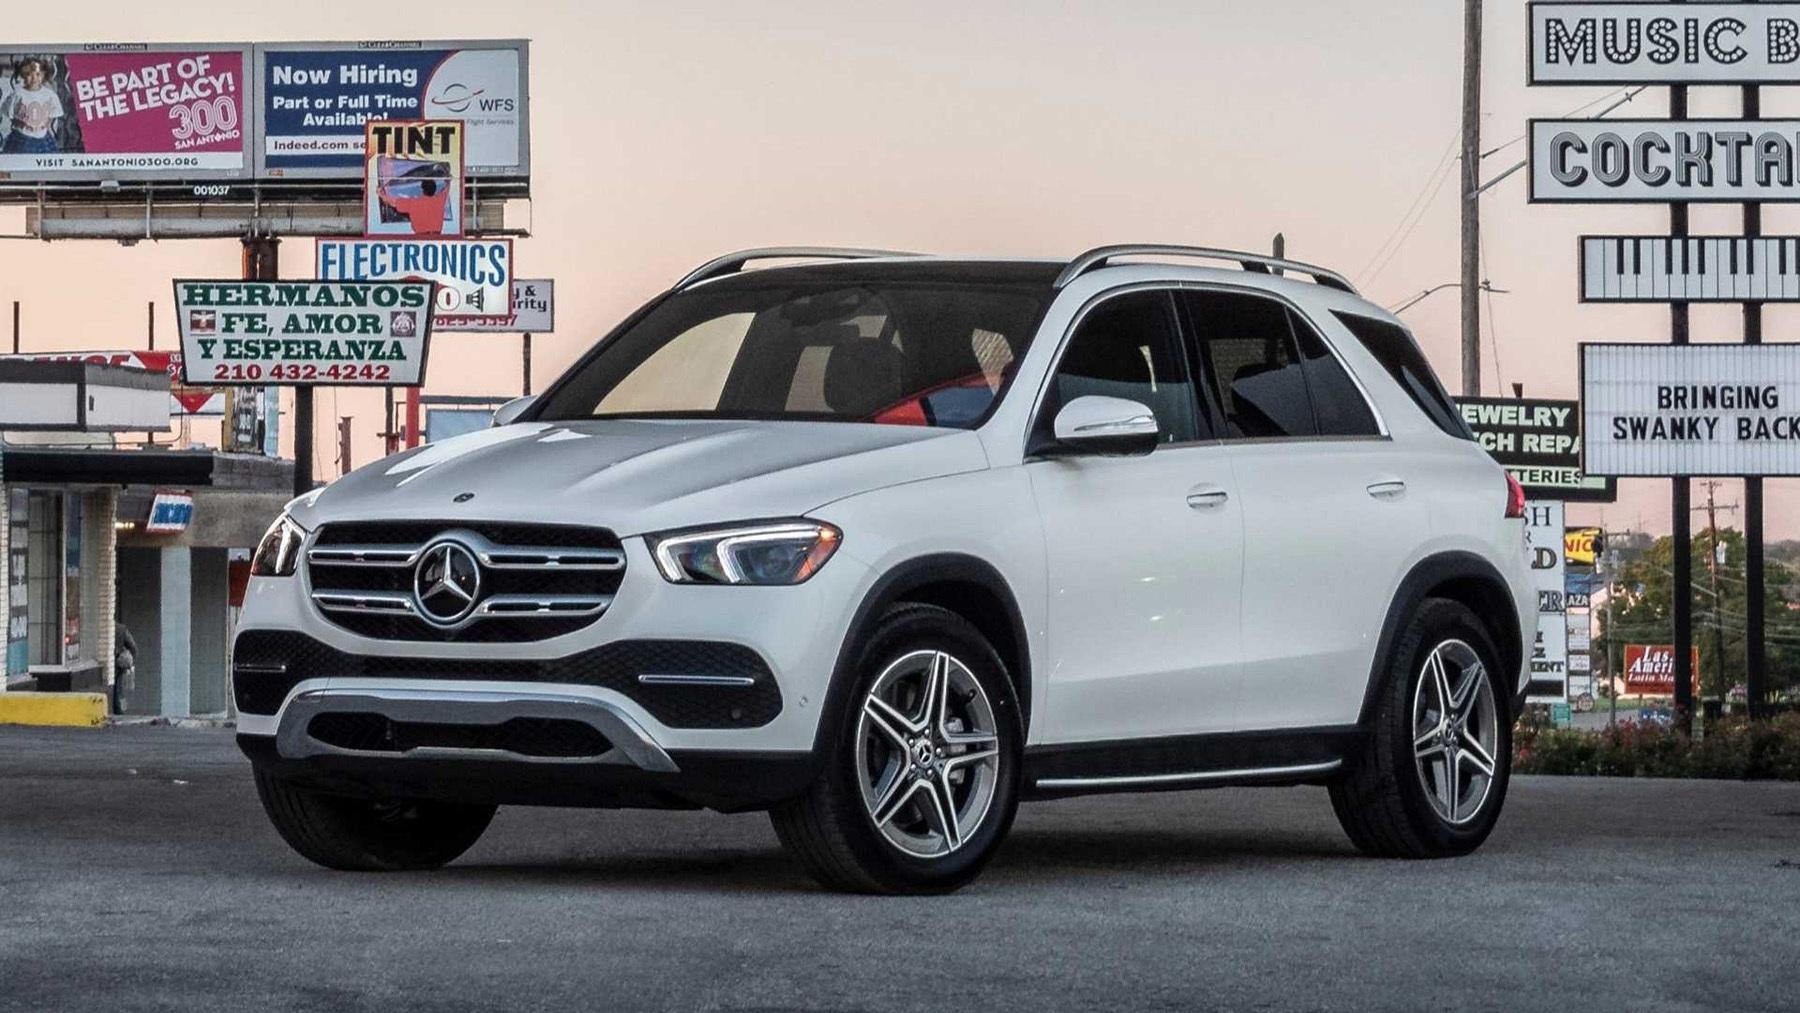 Mercedes-Benz triệu hồi GLE-Class vì nguy cơ nước điều hòa chảy vào khoang lái Ảnh 1